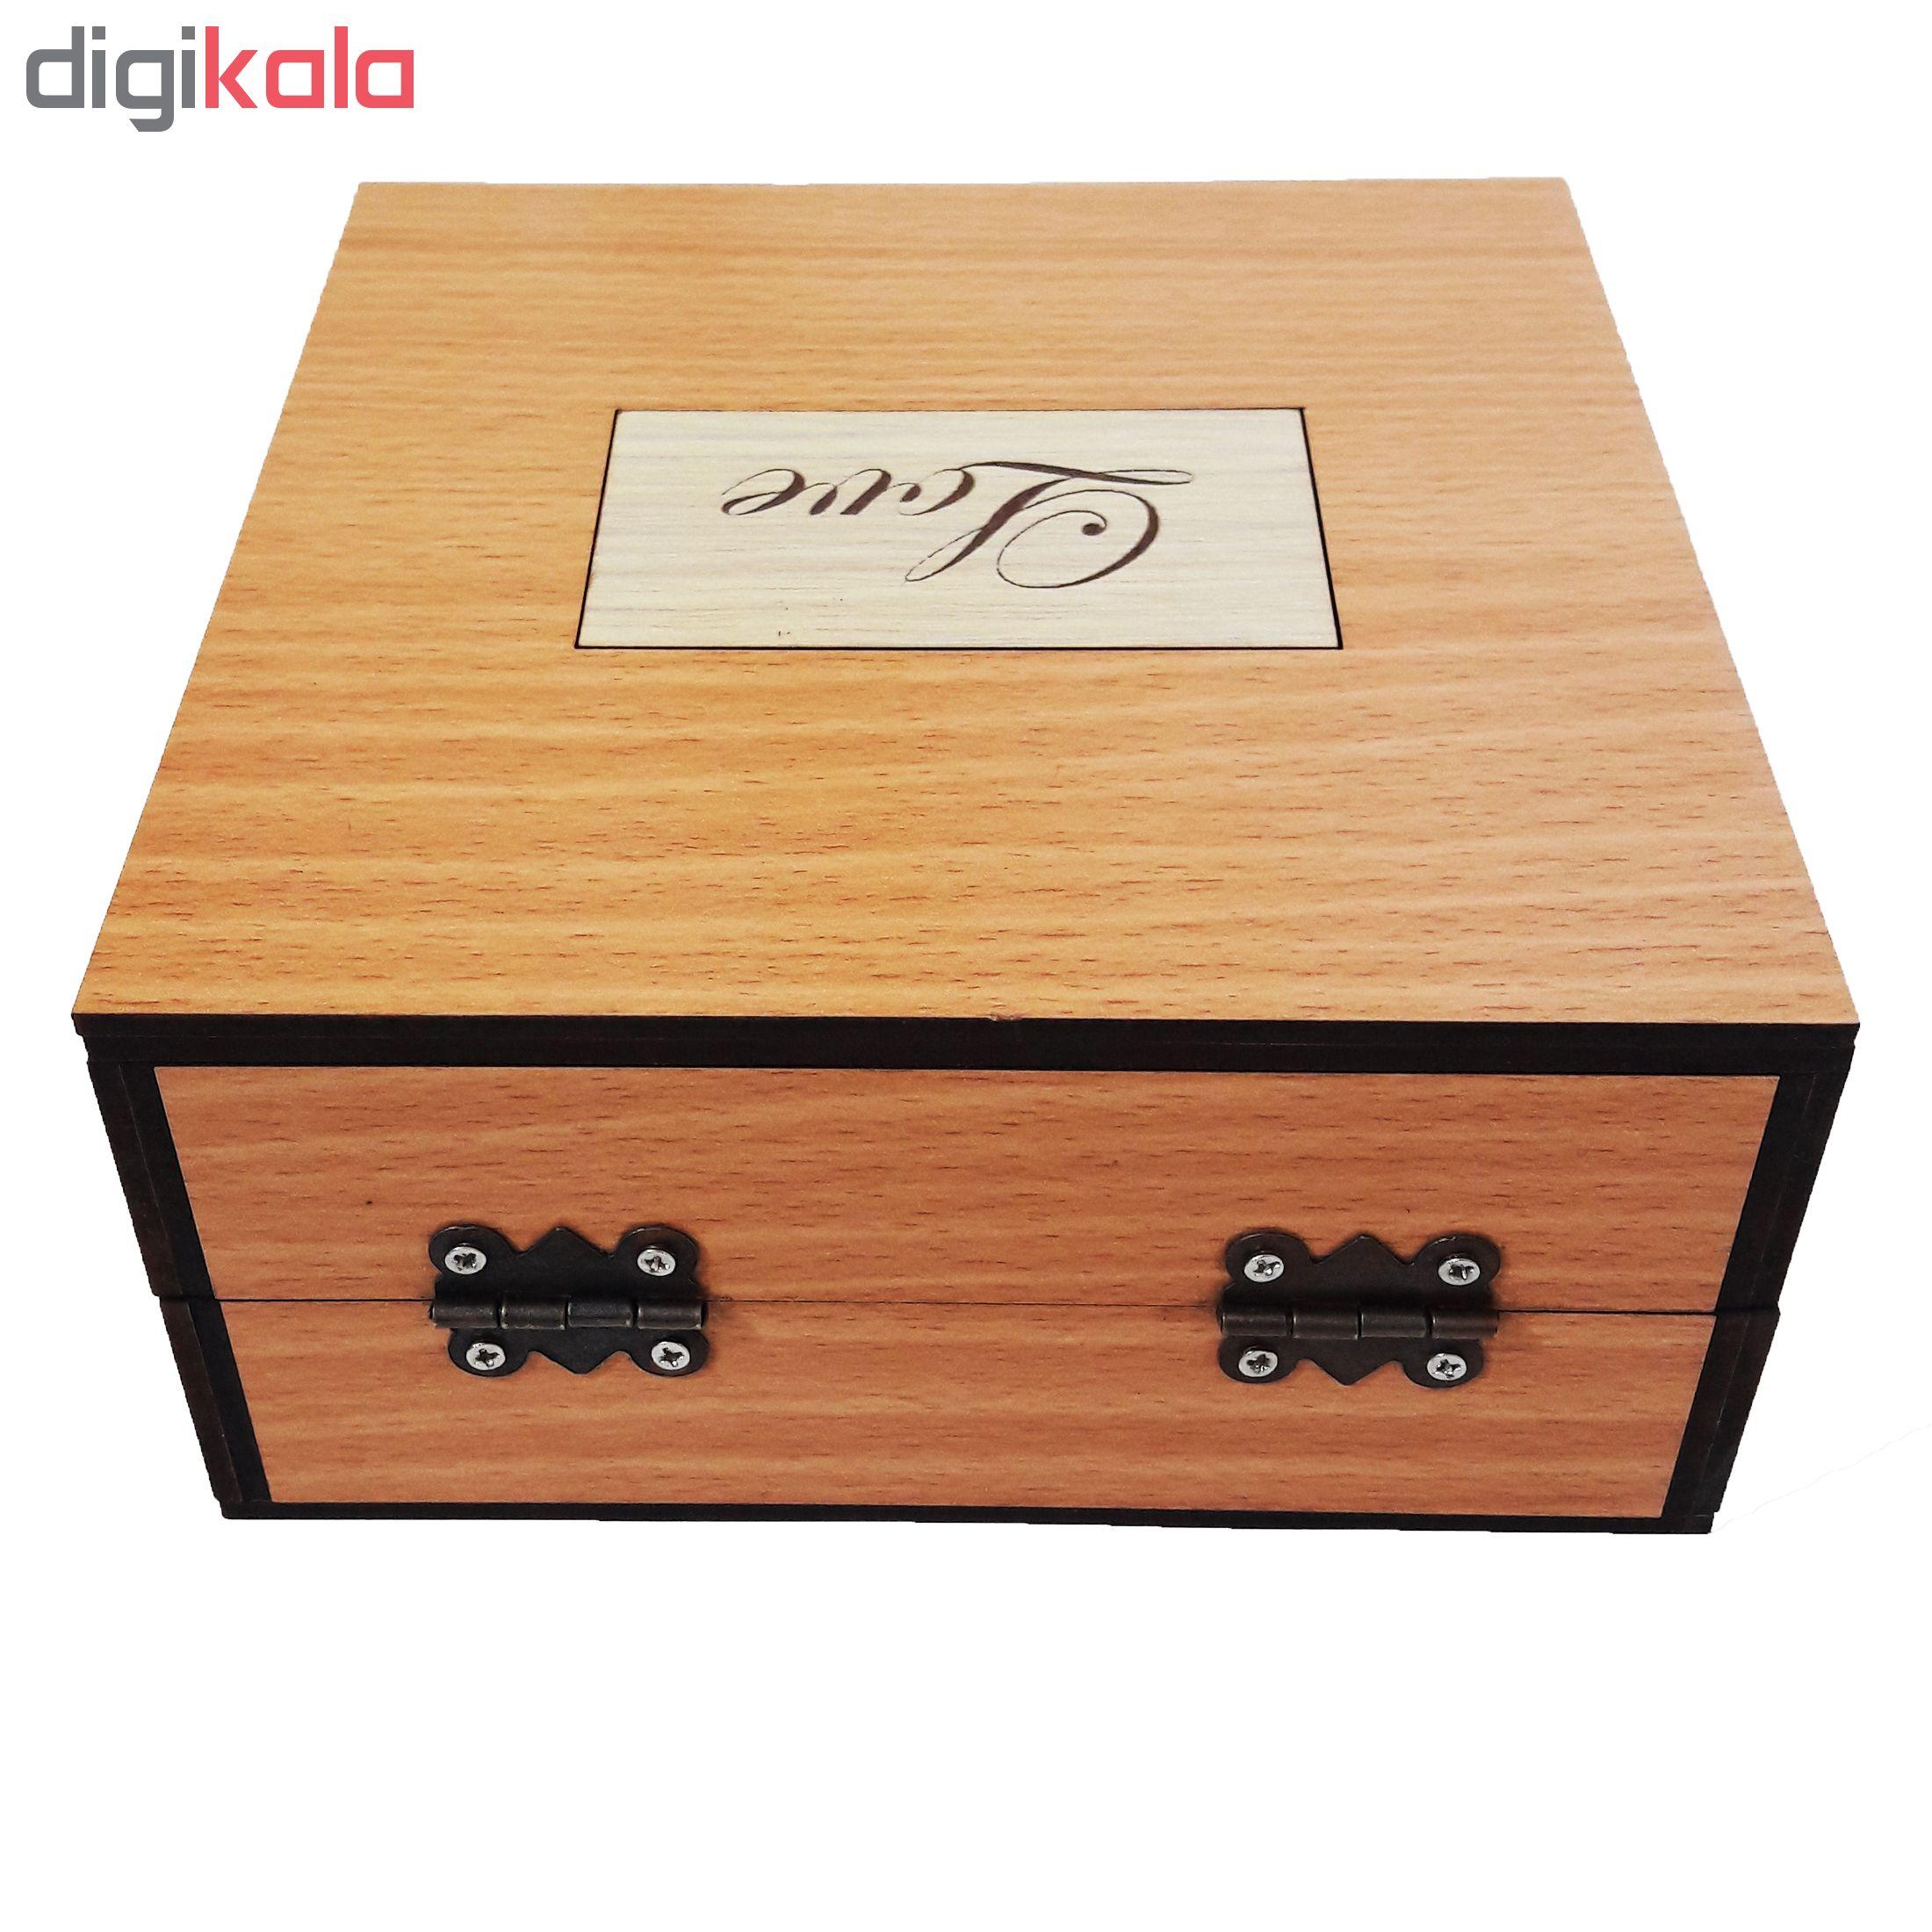 جعبه هدیه چوبی آیهان باکس مدل 101